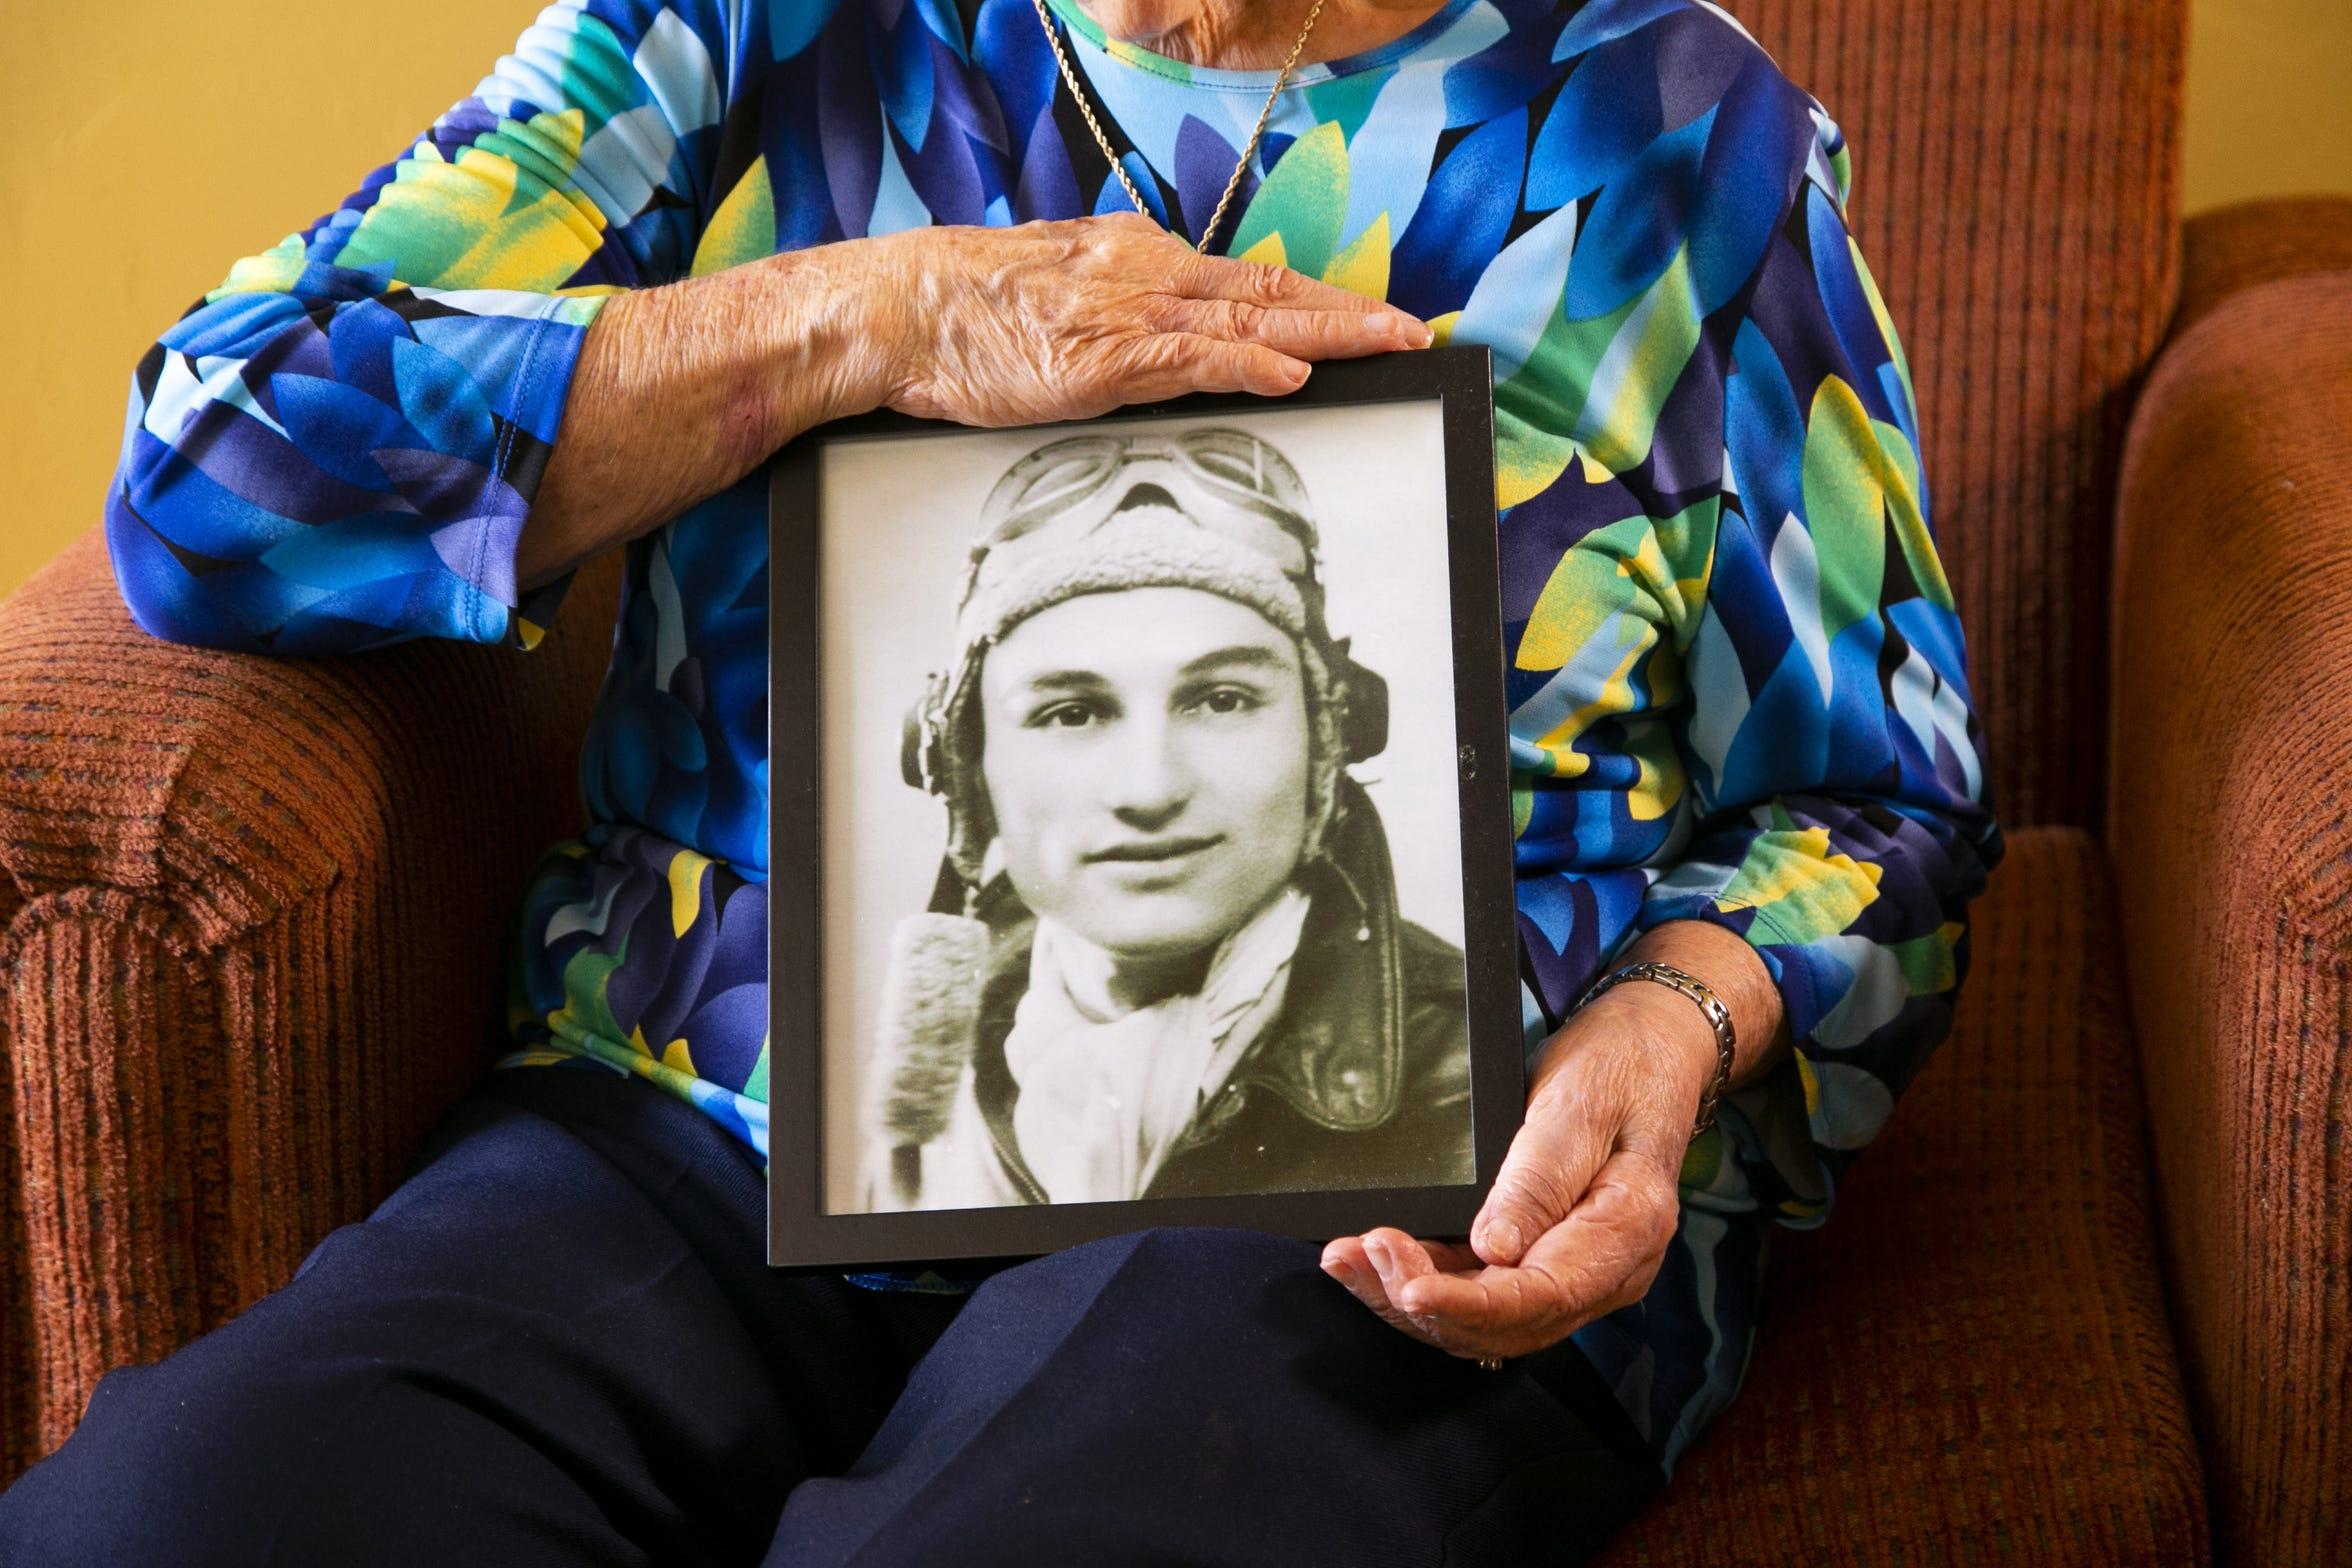 Jovita Campos sostiene un retrato de su marido Joe Campos tomada en la Segunda Guerra Mundial en Europa, en 1943.